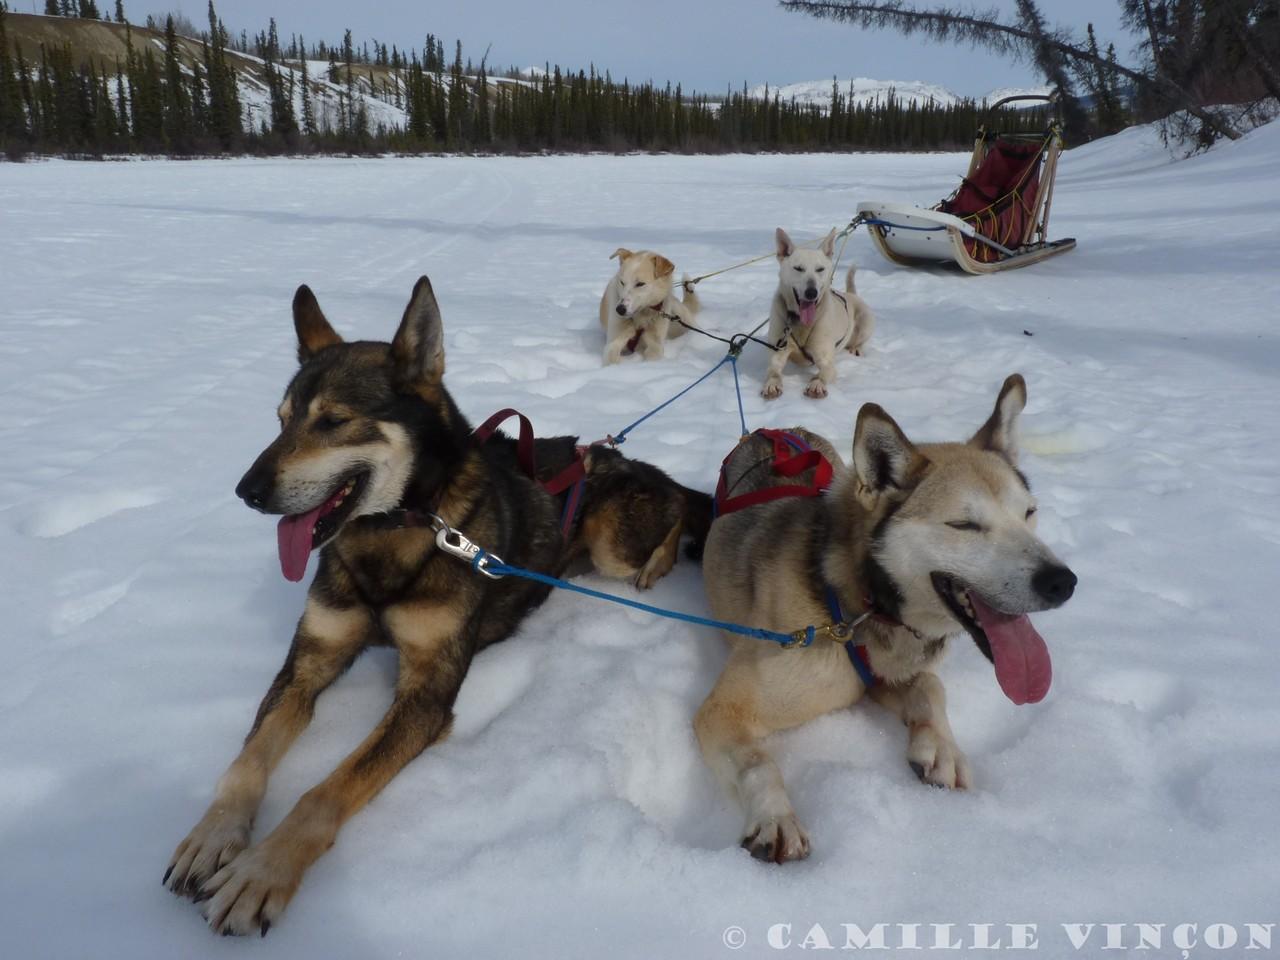 Petite pause pour reprendre son souffle, mais les chiens réclament vite pour reprendre la route. Courir est leur passe-temps favori.